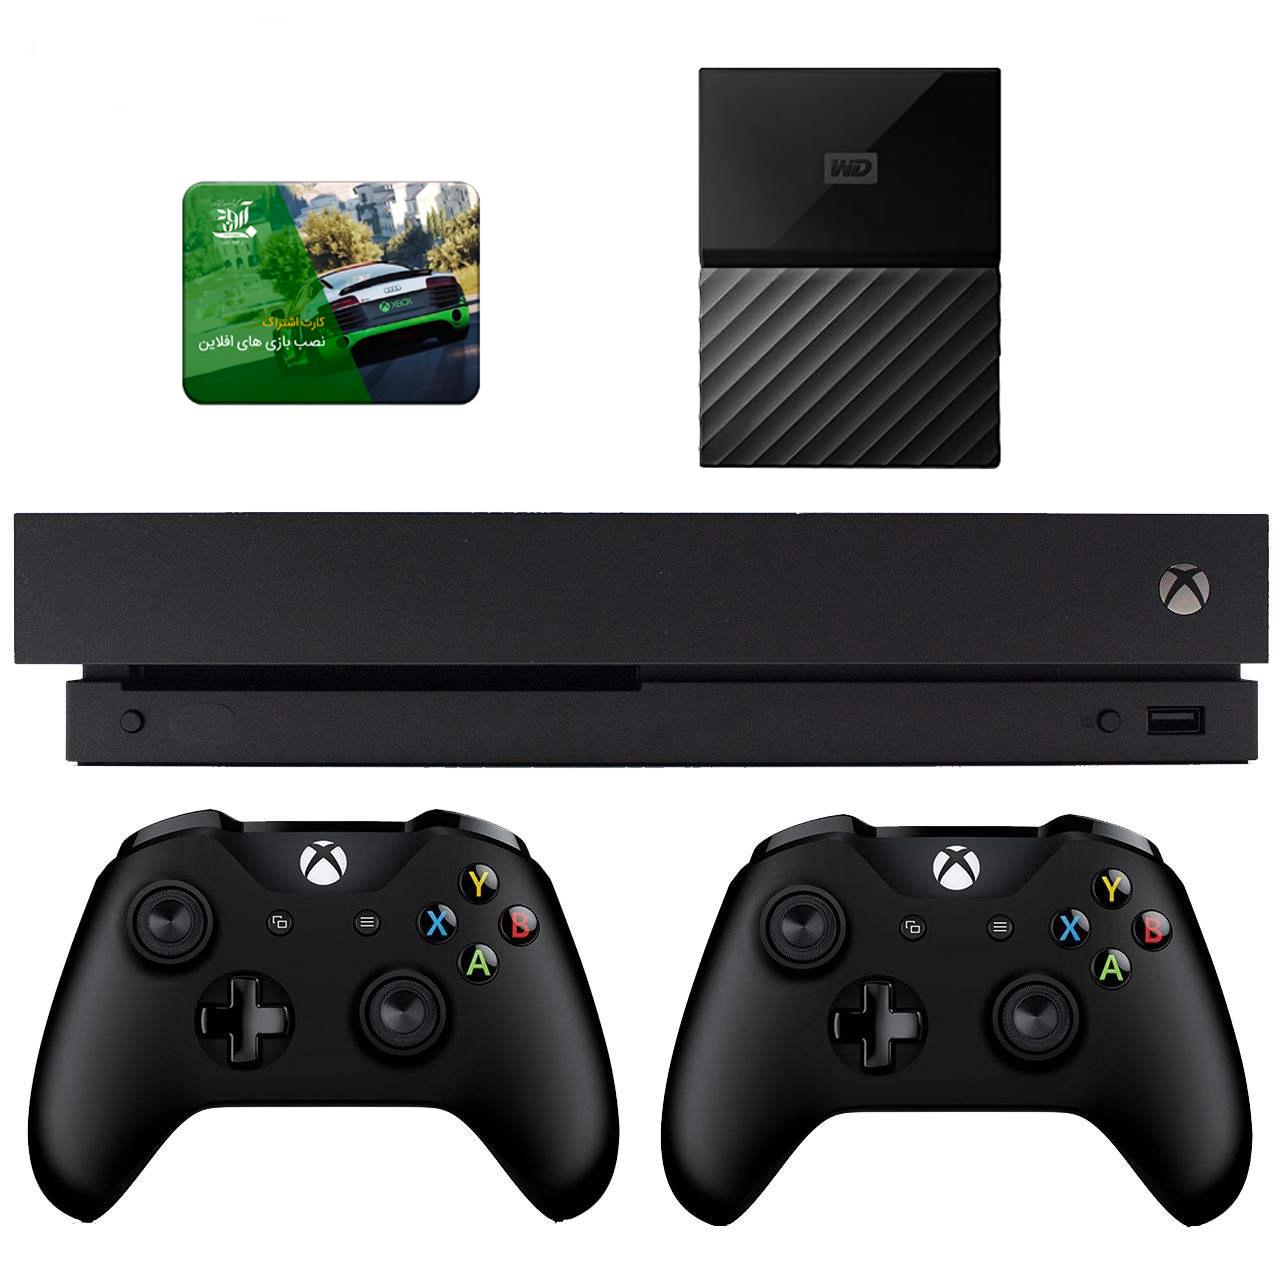 مجموعه کنسول بازی مایکروسافت مدل Xbox One X ظرفیت ۱ ترابایت به همراه ۱۰۰ عدد بازی